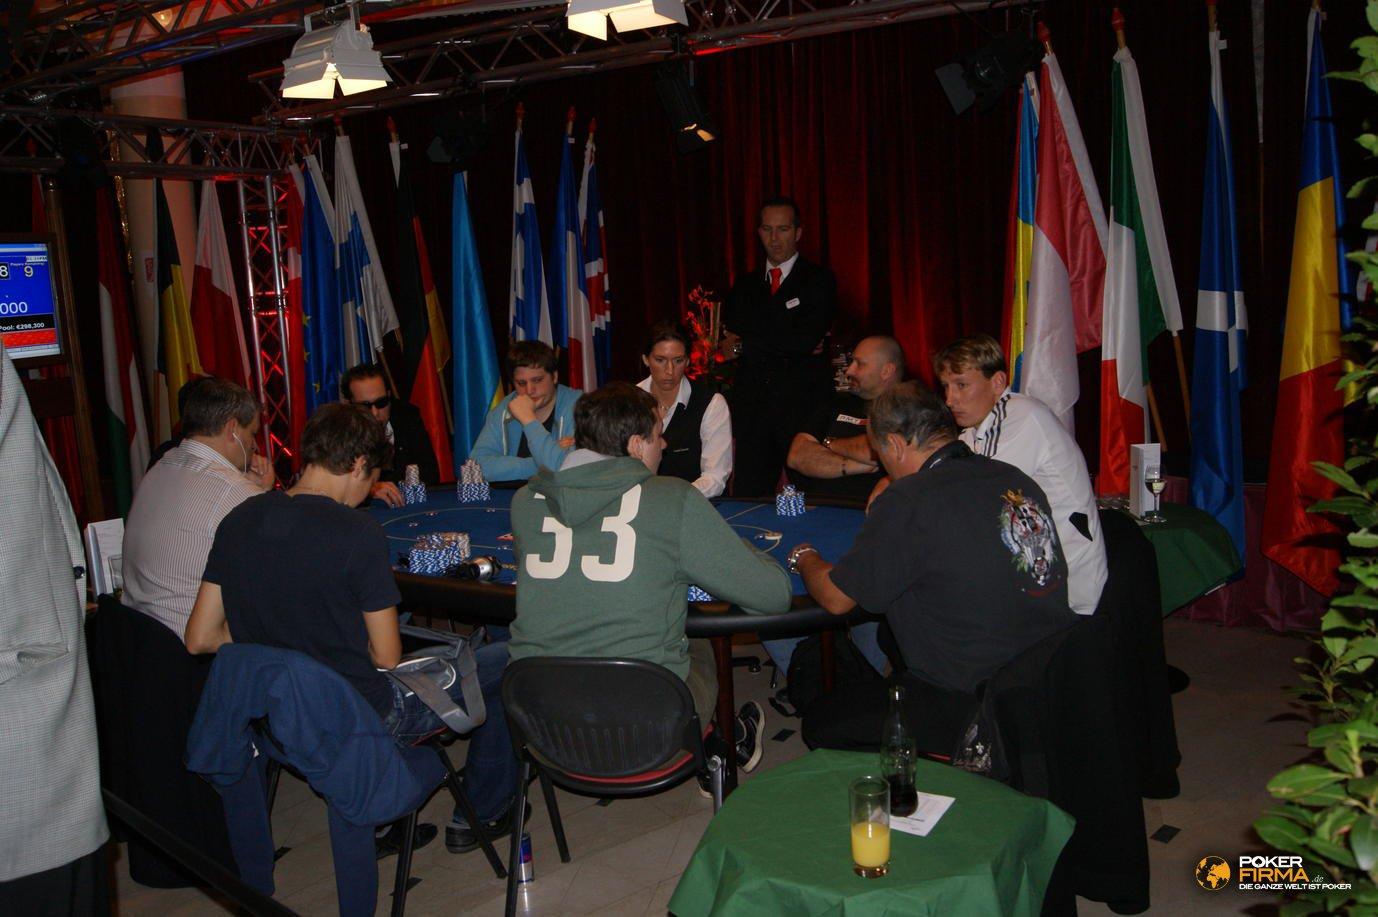 Poker_EM_2000_NLH_FT_271011_DSC03285